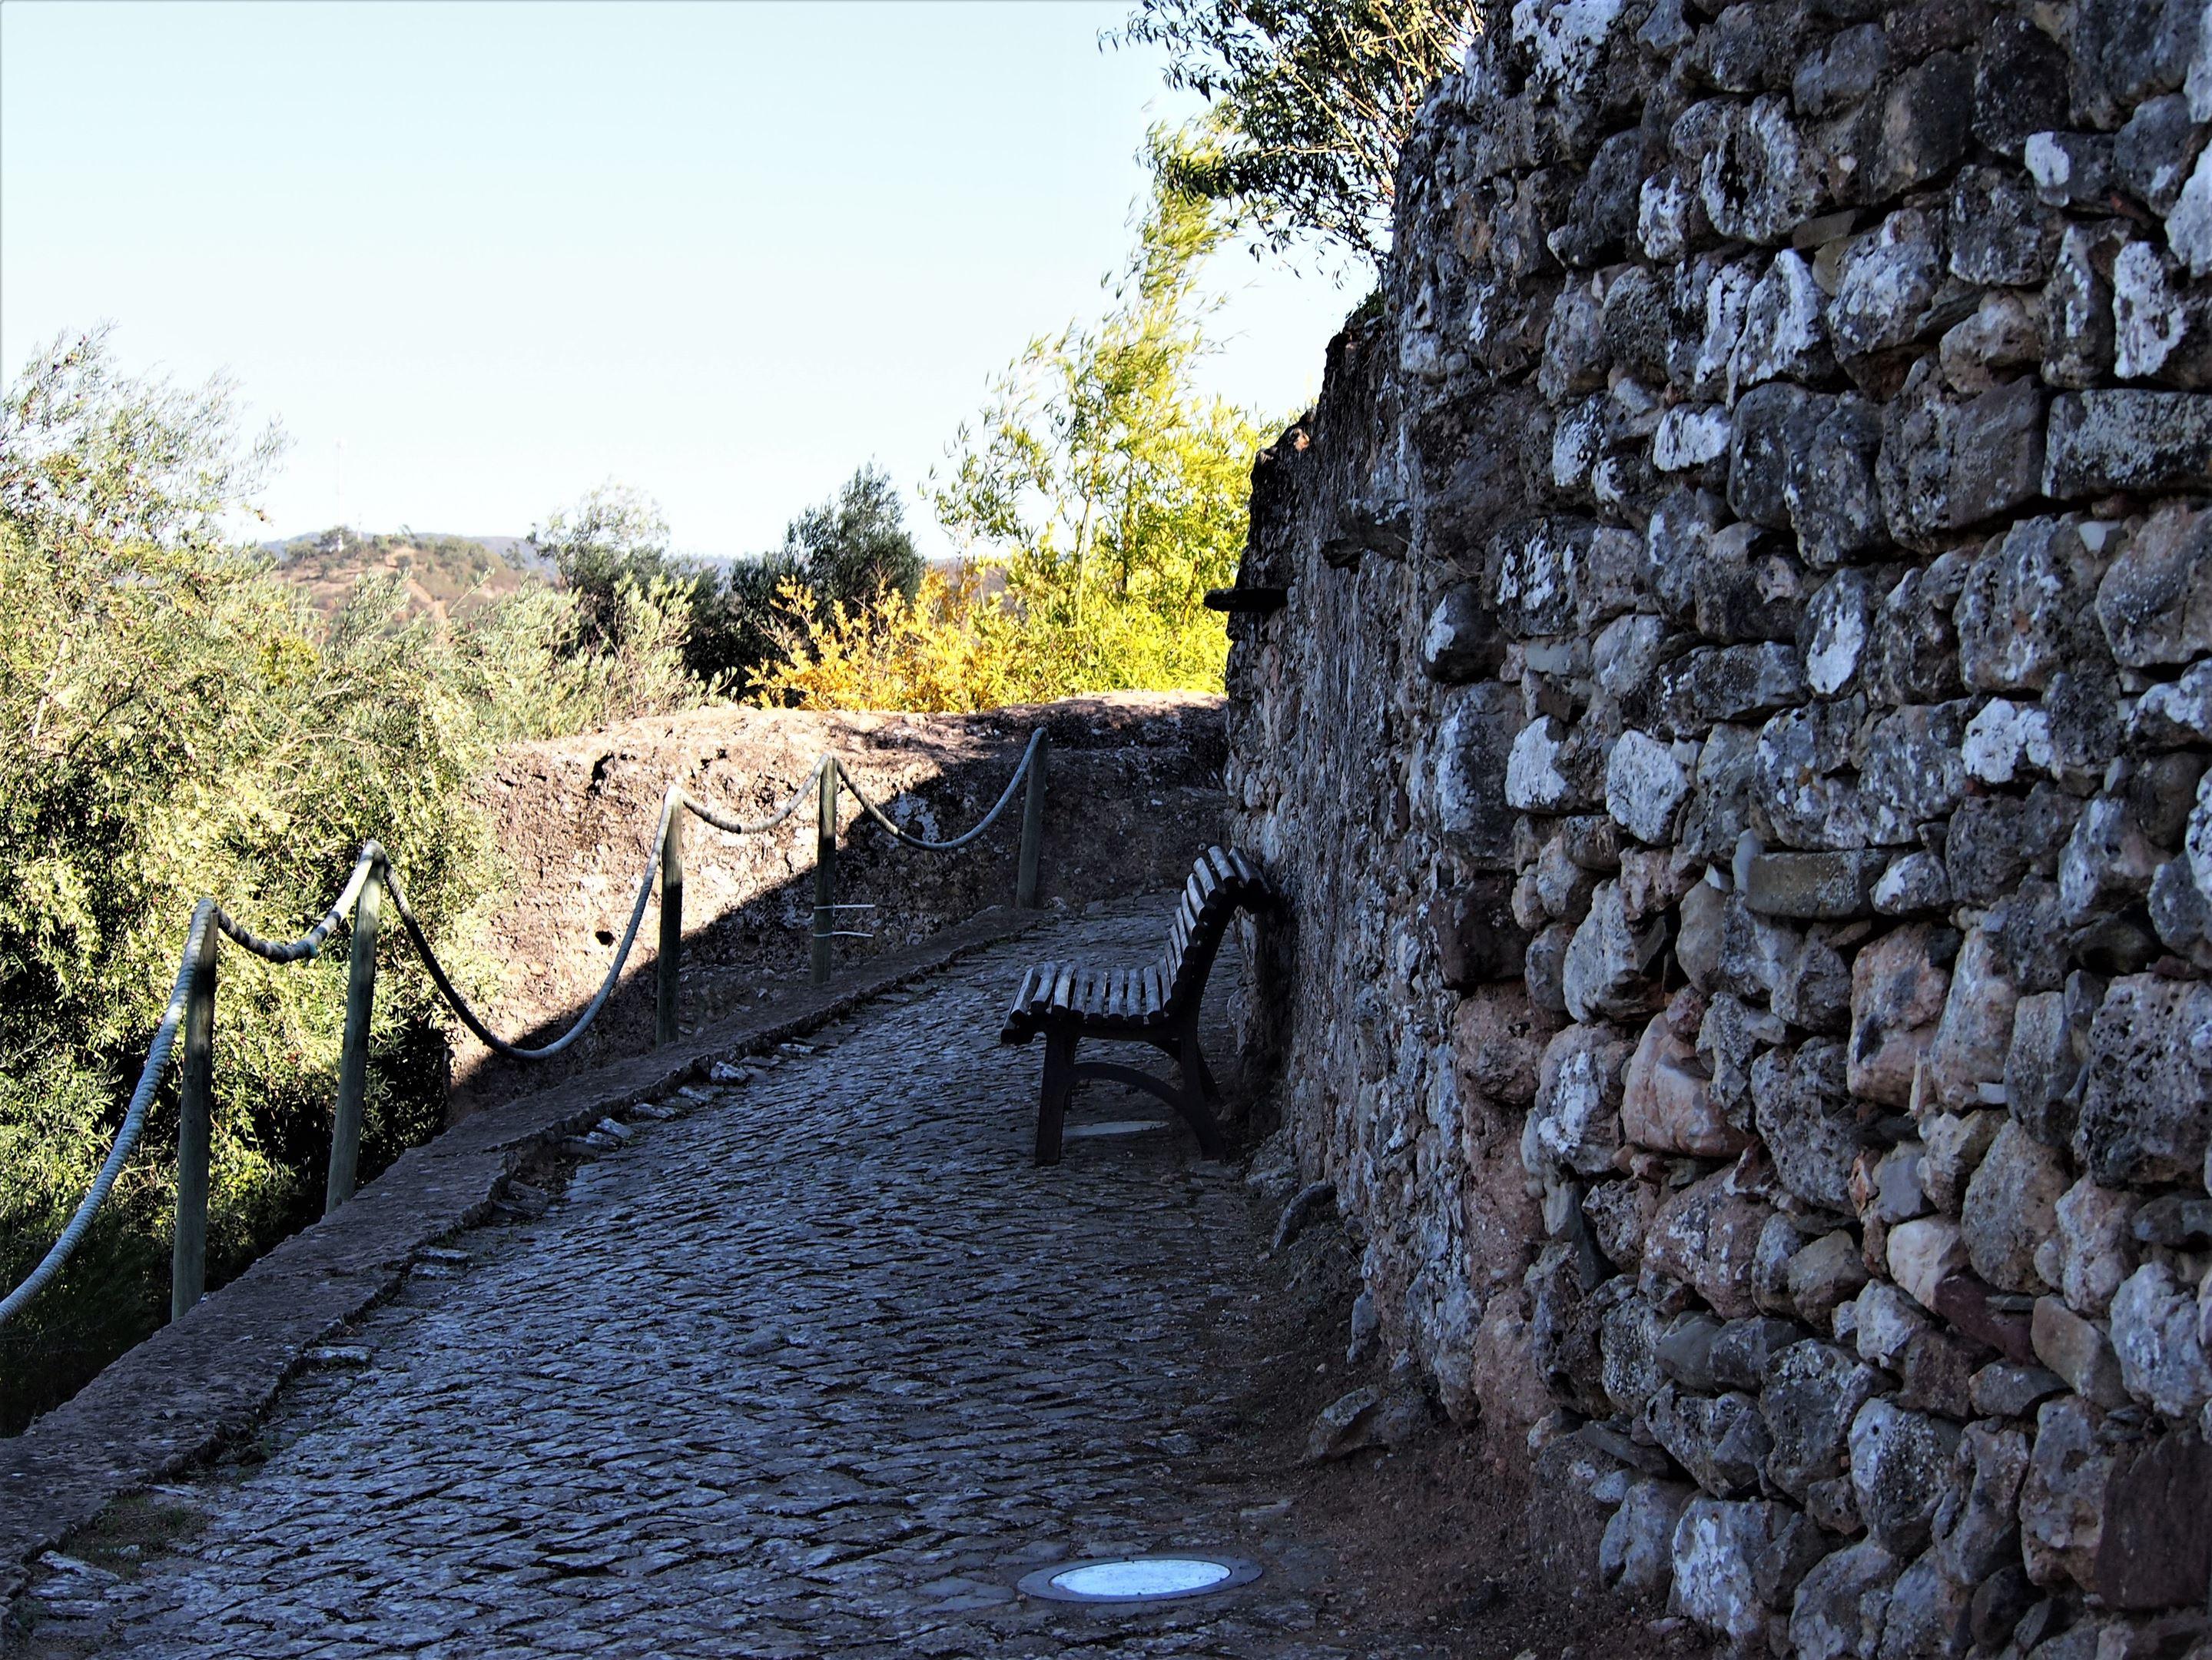 Sendero alrededor de los restos de las murallas del castillo, Salir